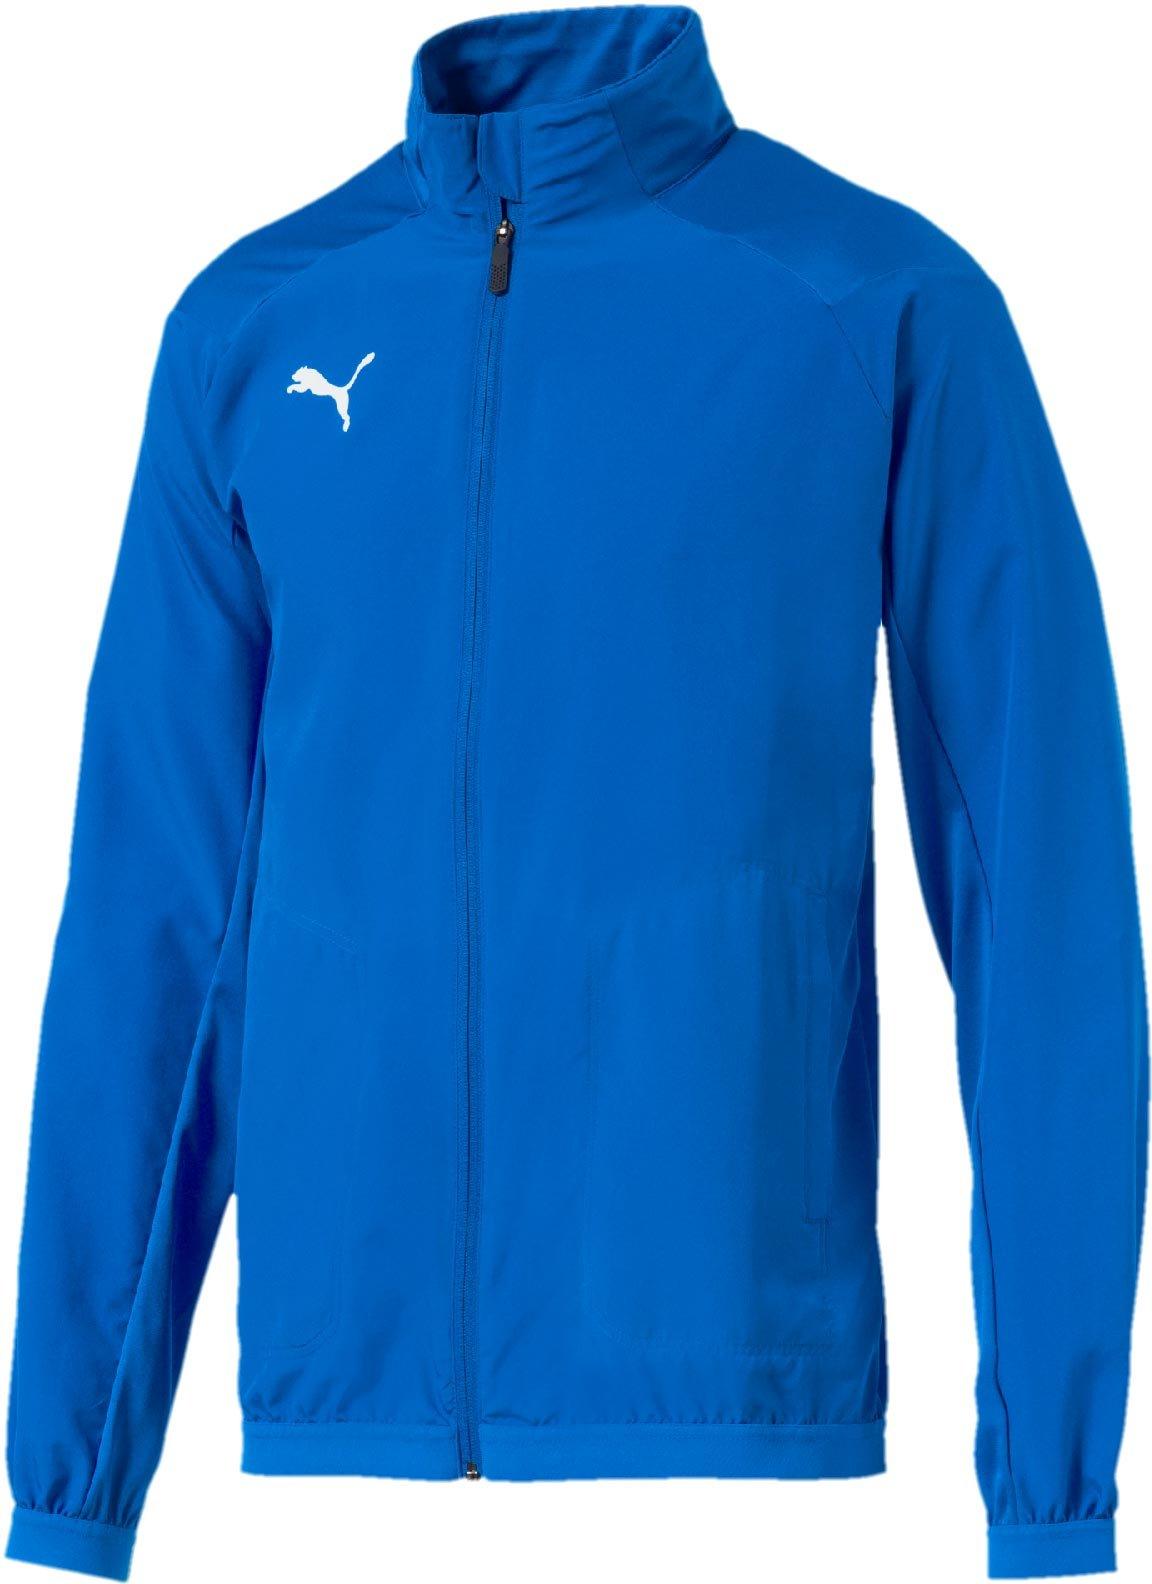 Puma LIGA Sideline Jacket S